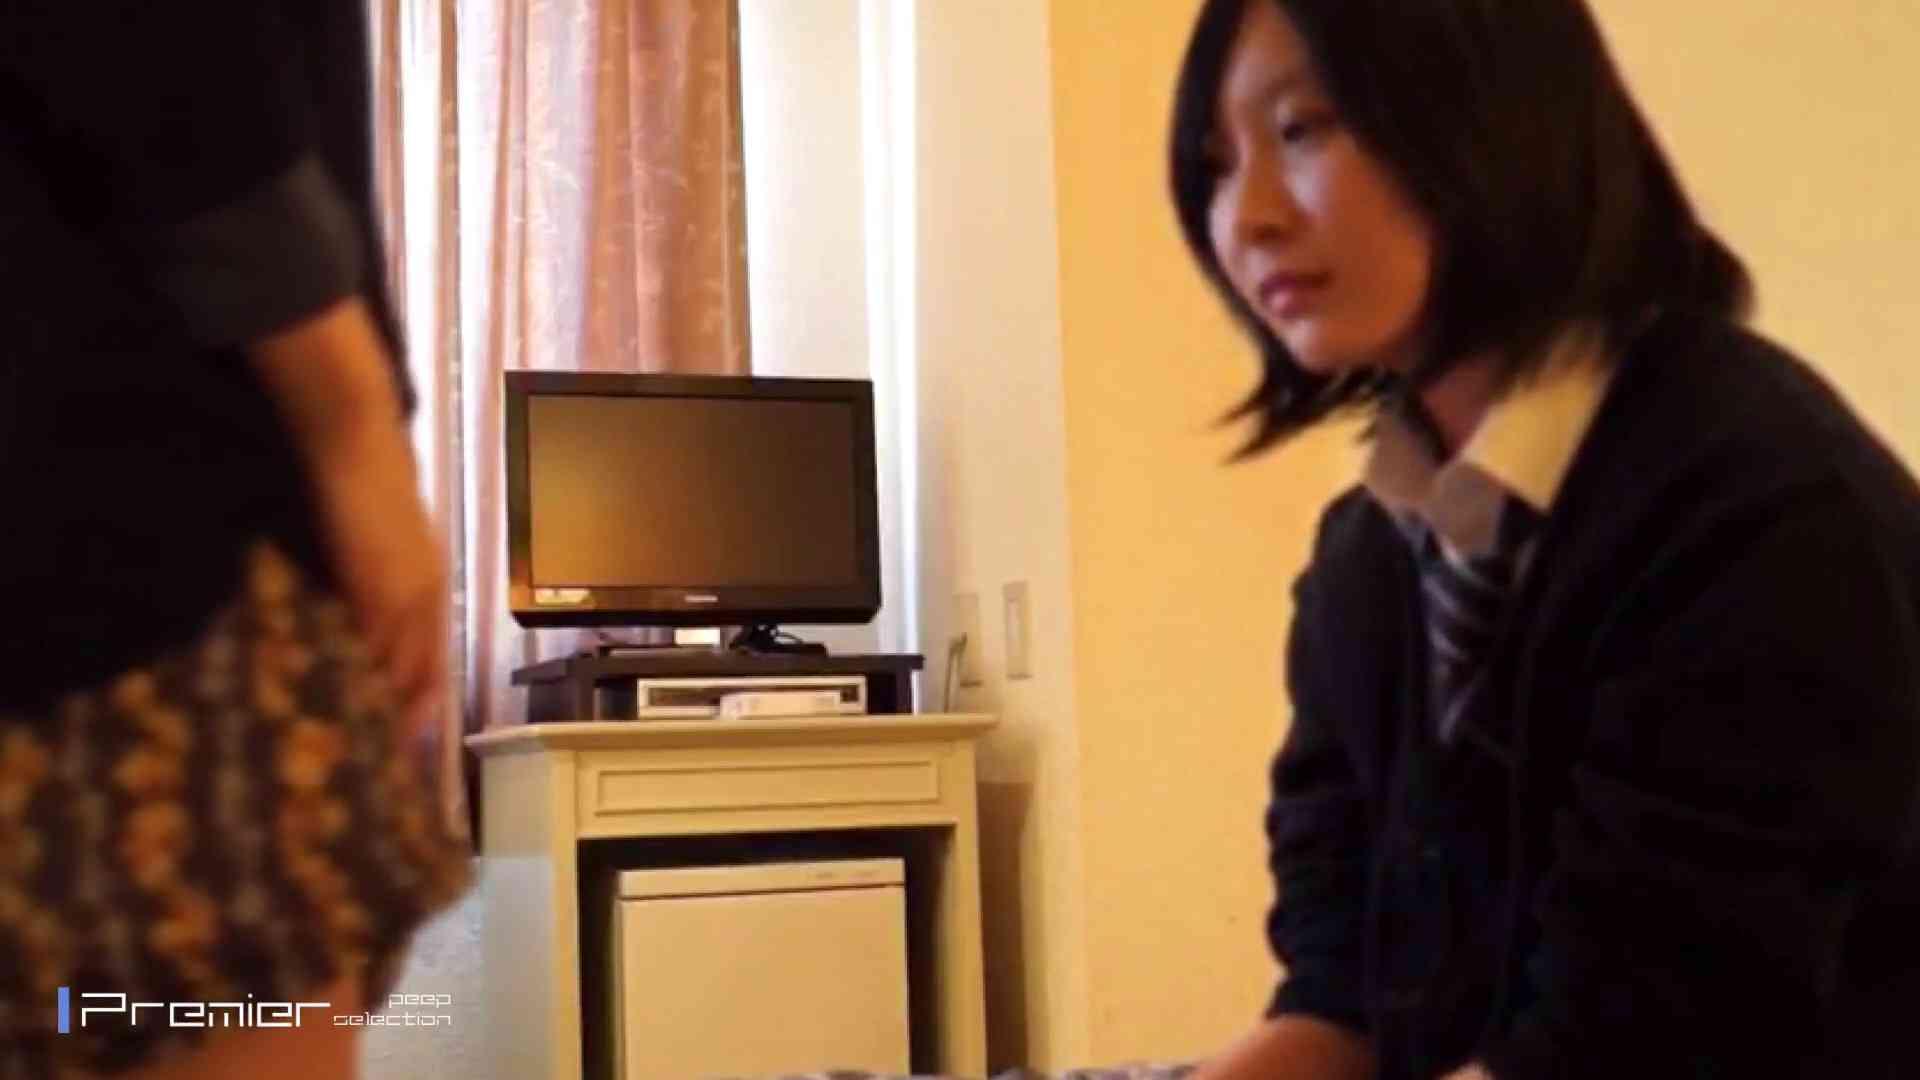 禁断の忍者 Vol.03 フルハイビジョンK制月反性行 制服  44連発 15